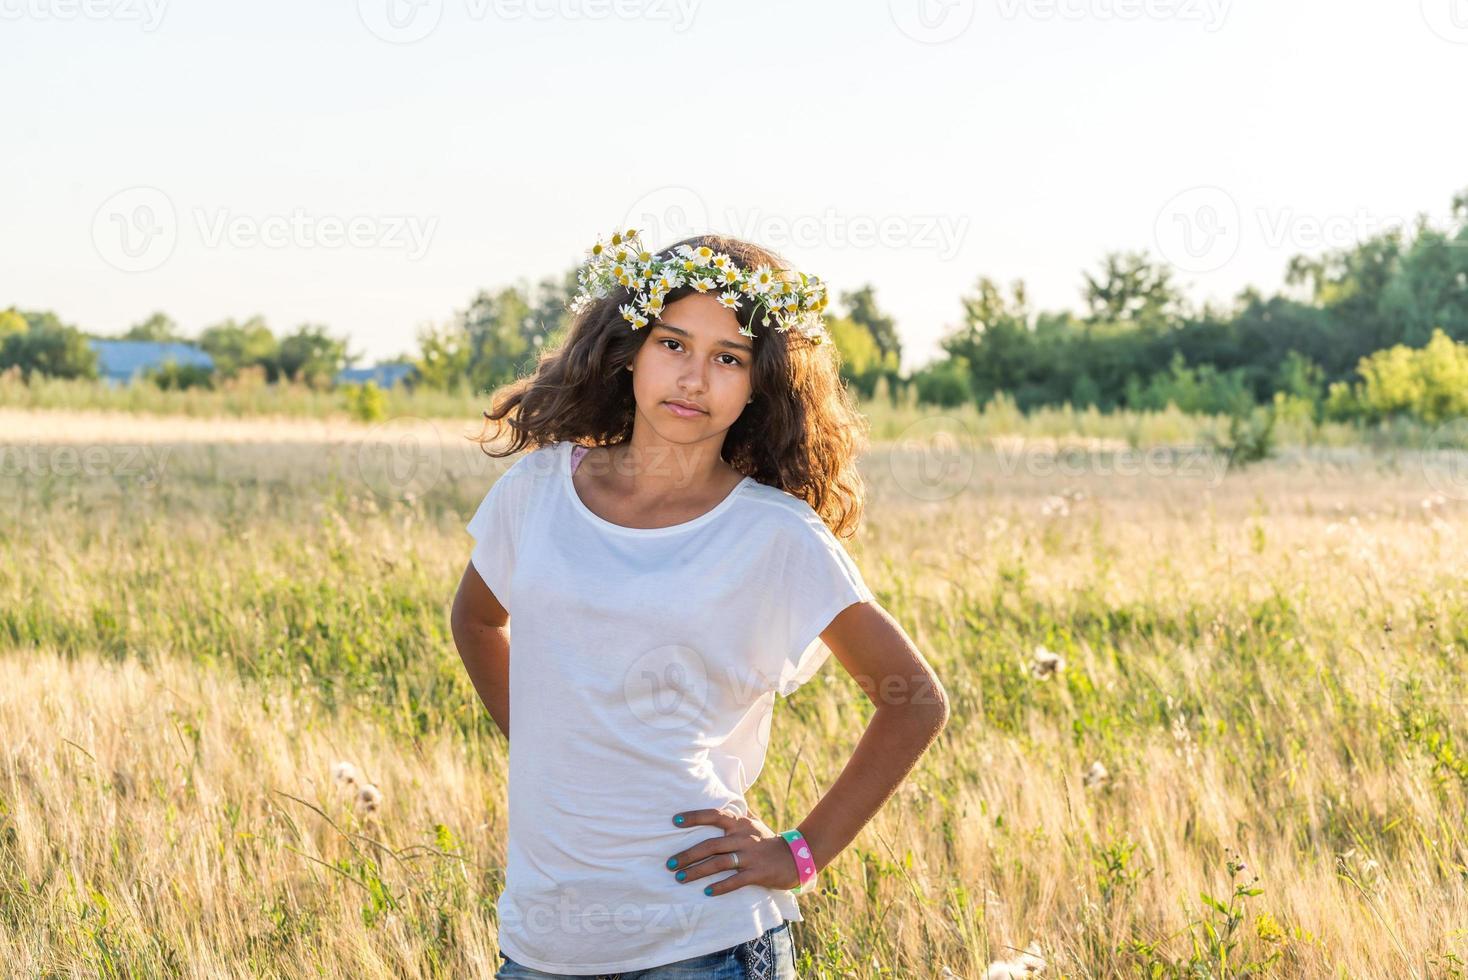 jugendlich Mädchen mit einem Kranz von Gänseblümchen im Feld foto